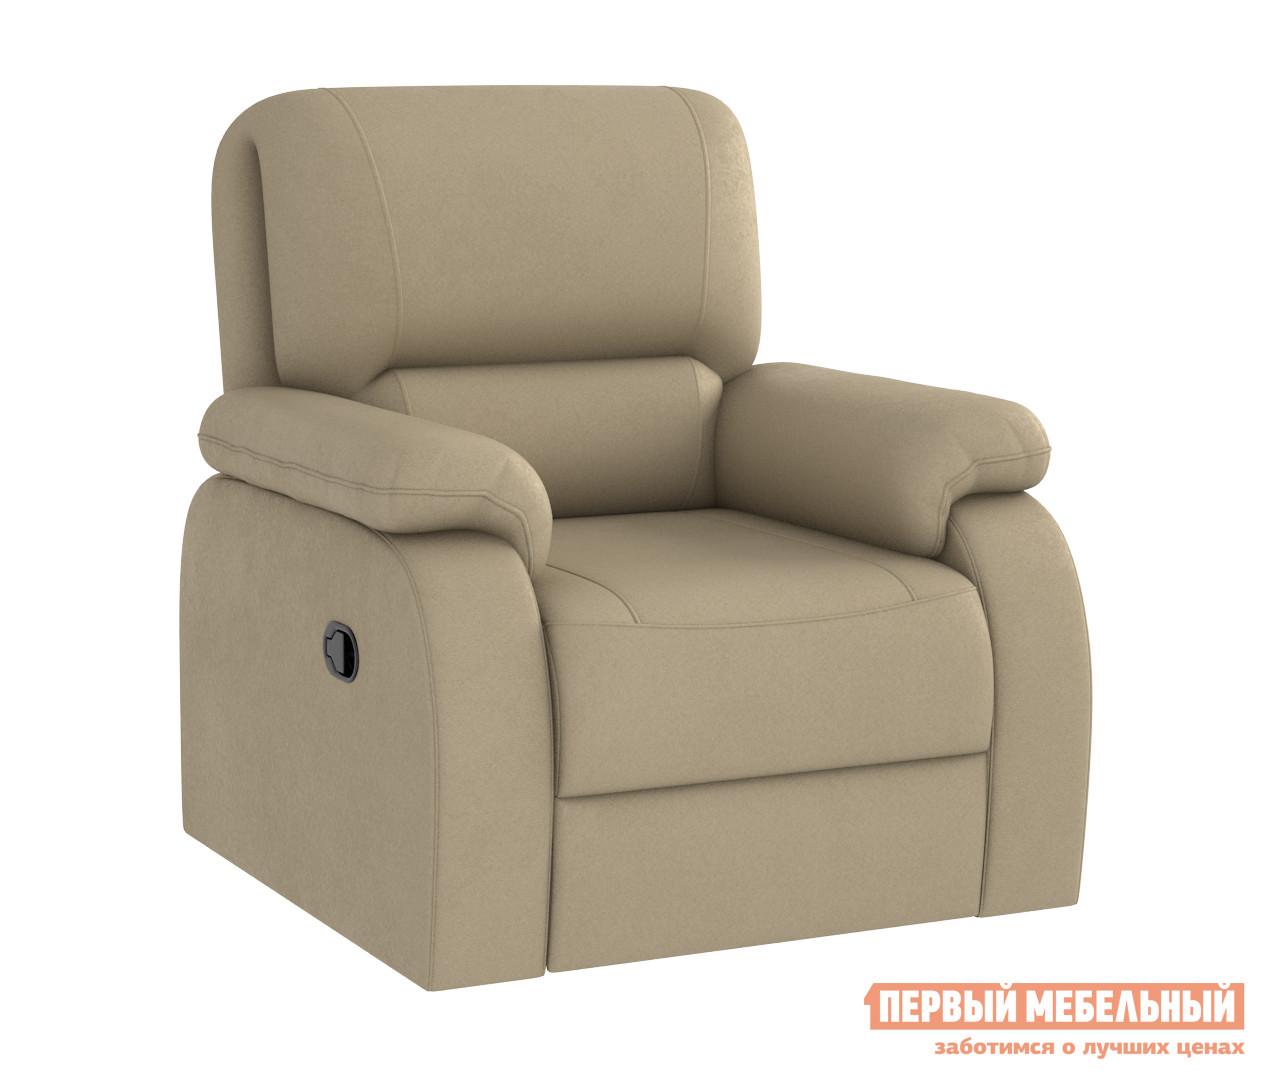 Кресло-реклайнер Первый Мебельный Доменика